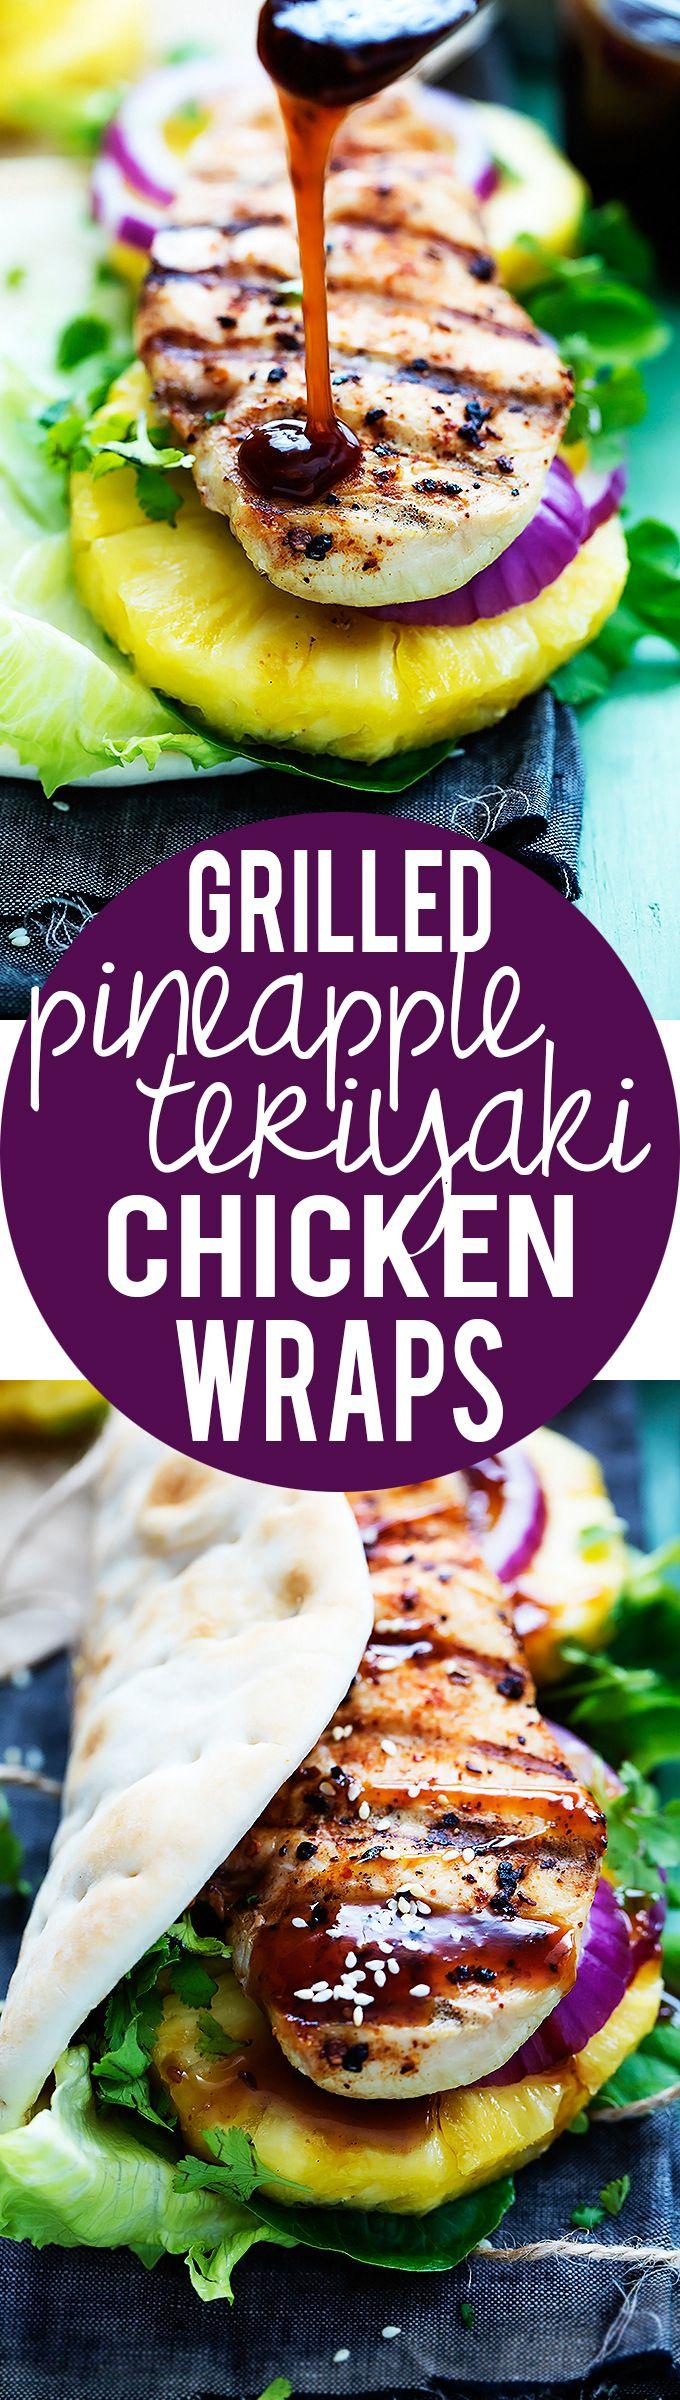 Programme du r gime roul s de teriyaki au poulet grill for Regime ananas